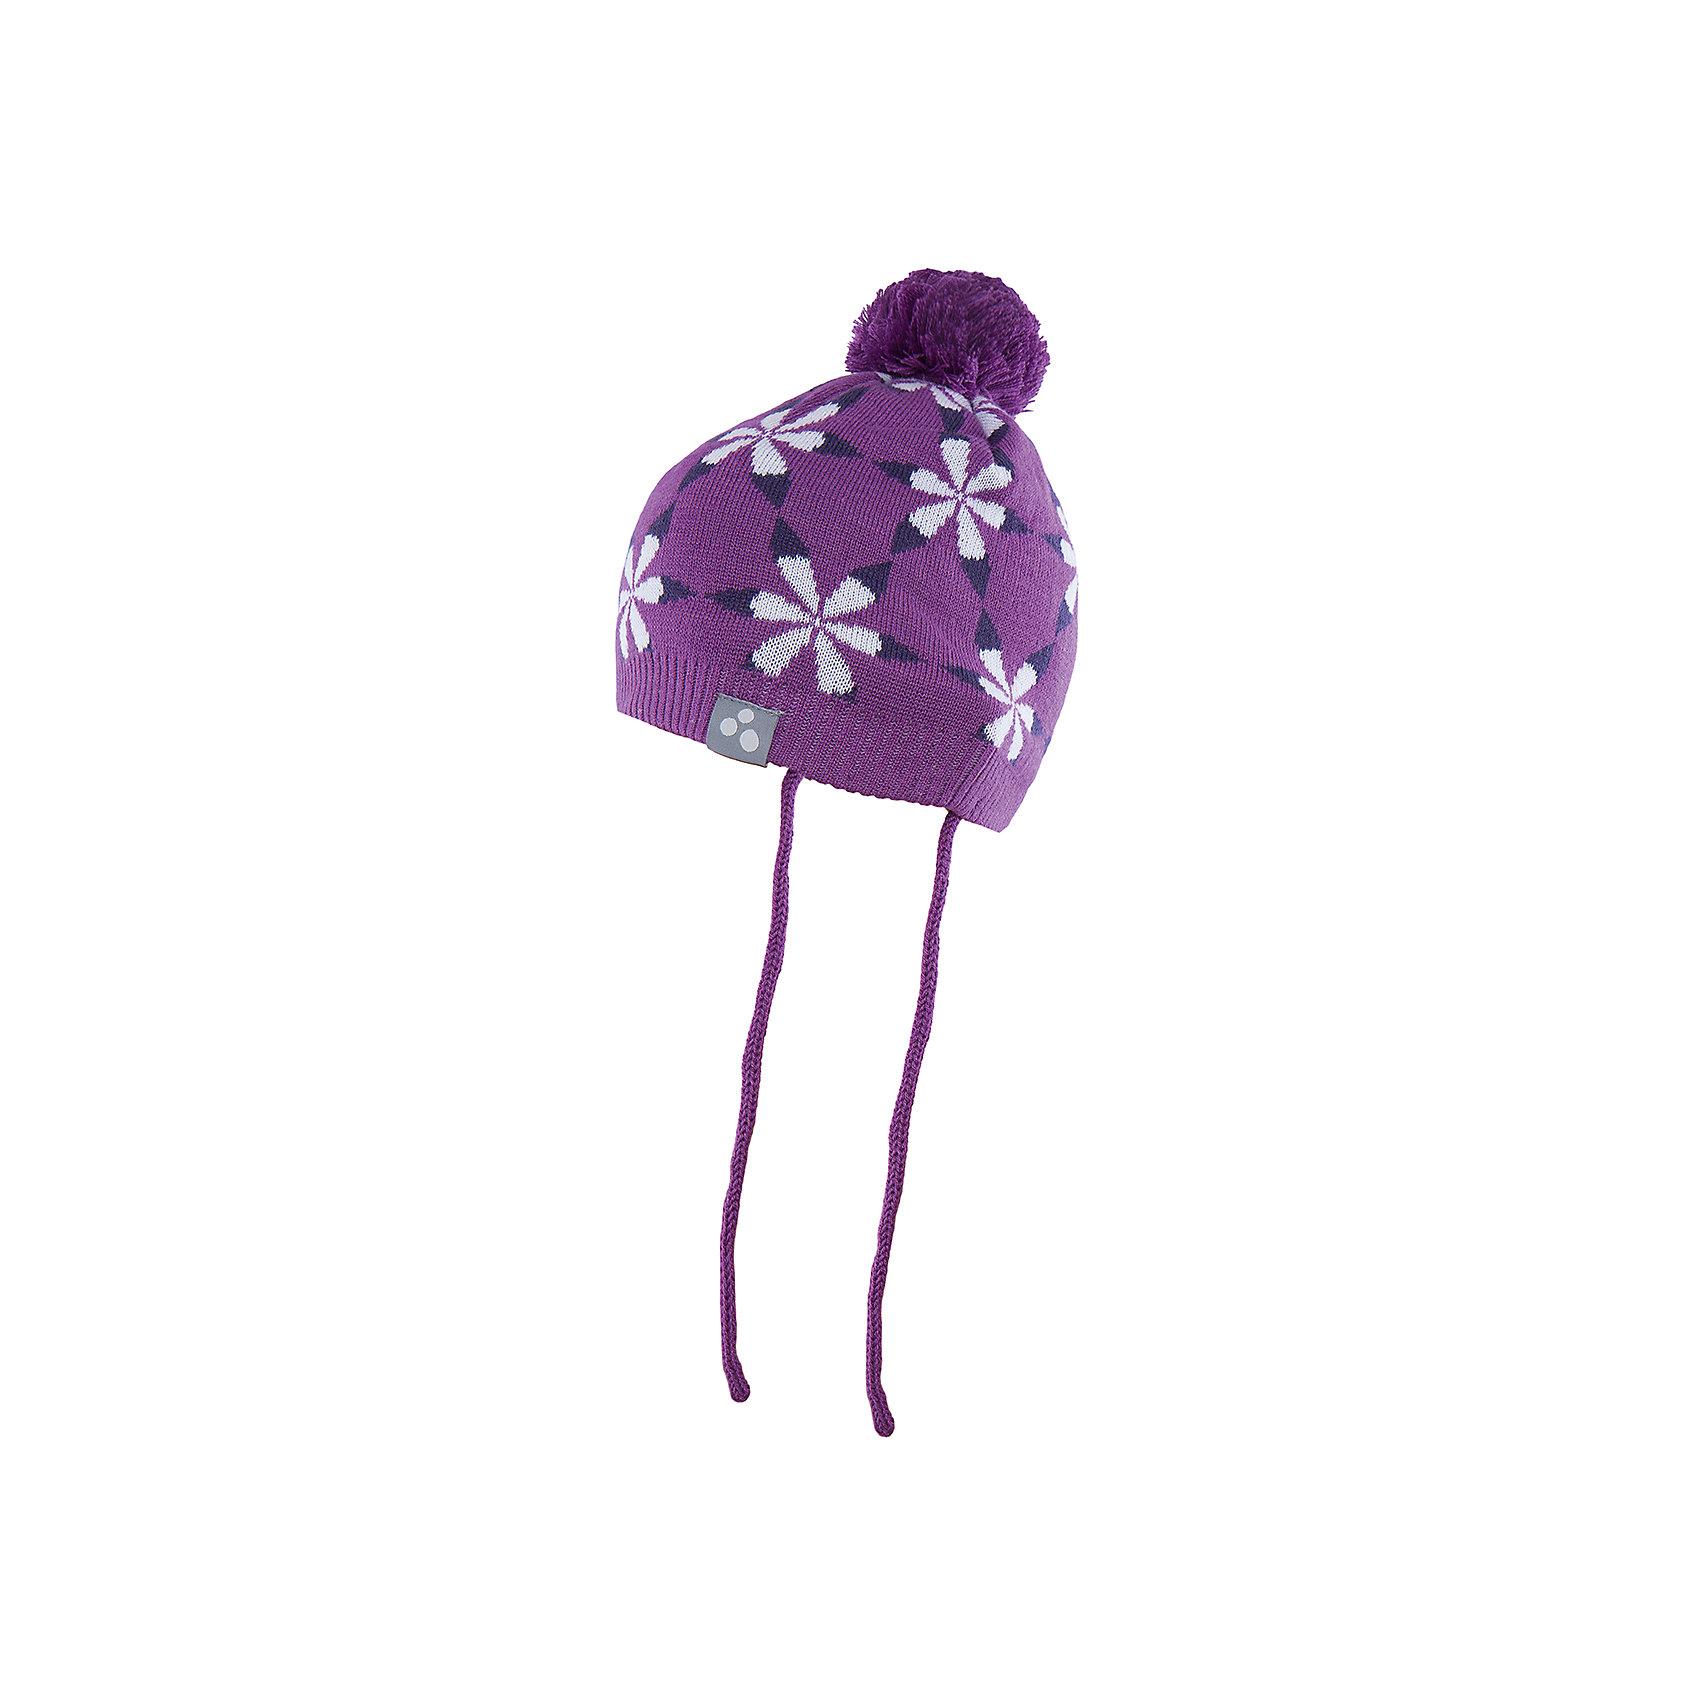 Шапка для девочки HuppaВязаная шапка ELI Huppa(Хуппа) изготовлена из материалов, которые отлично сохраняют тепло. Подкладка из хлопка приятна телу и не вызывает раздражения на коже. Шапка украшена цветочным орнаментом и помпоном. Есть светоотражающие элементы.<br><br>Дополнительная информация:<br>Материал: 50% шерсть мериноса, 50% акрил<br>Подкладка: хлопок<br>Цвет: лиловый<br><br>Вы можете купить шапку ELI Huppa(Хуппа) в нашем интернет-магазине.<br><br>Ширина мм: 89<br>Глубина мм: 117<br>Высота мм: 44<br>Вес г: 155<br>Цвет: фиолетовый<br>Возраст от месяцев: 36<br>Возраст до месяцев: 72<br>Пол: Женский<br>Возраст: Детский<br>Размер: 51-53,43-45,47-49<br>SKU: 4923854